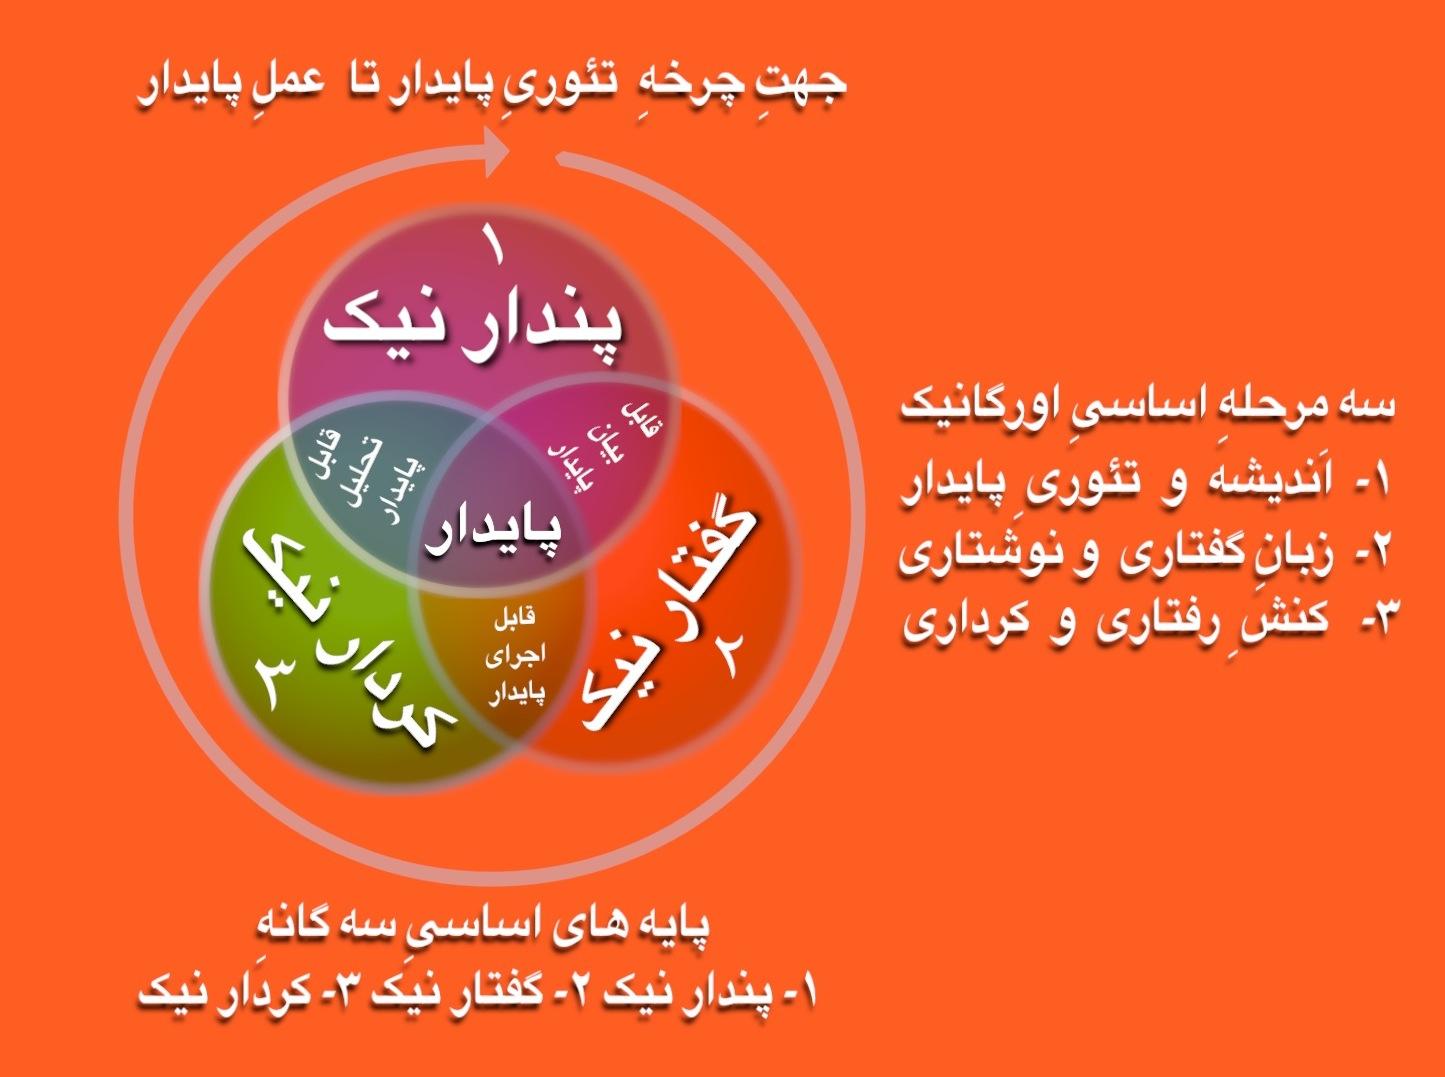 نمودار سه مرحله ایی